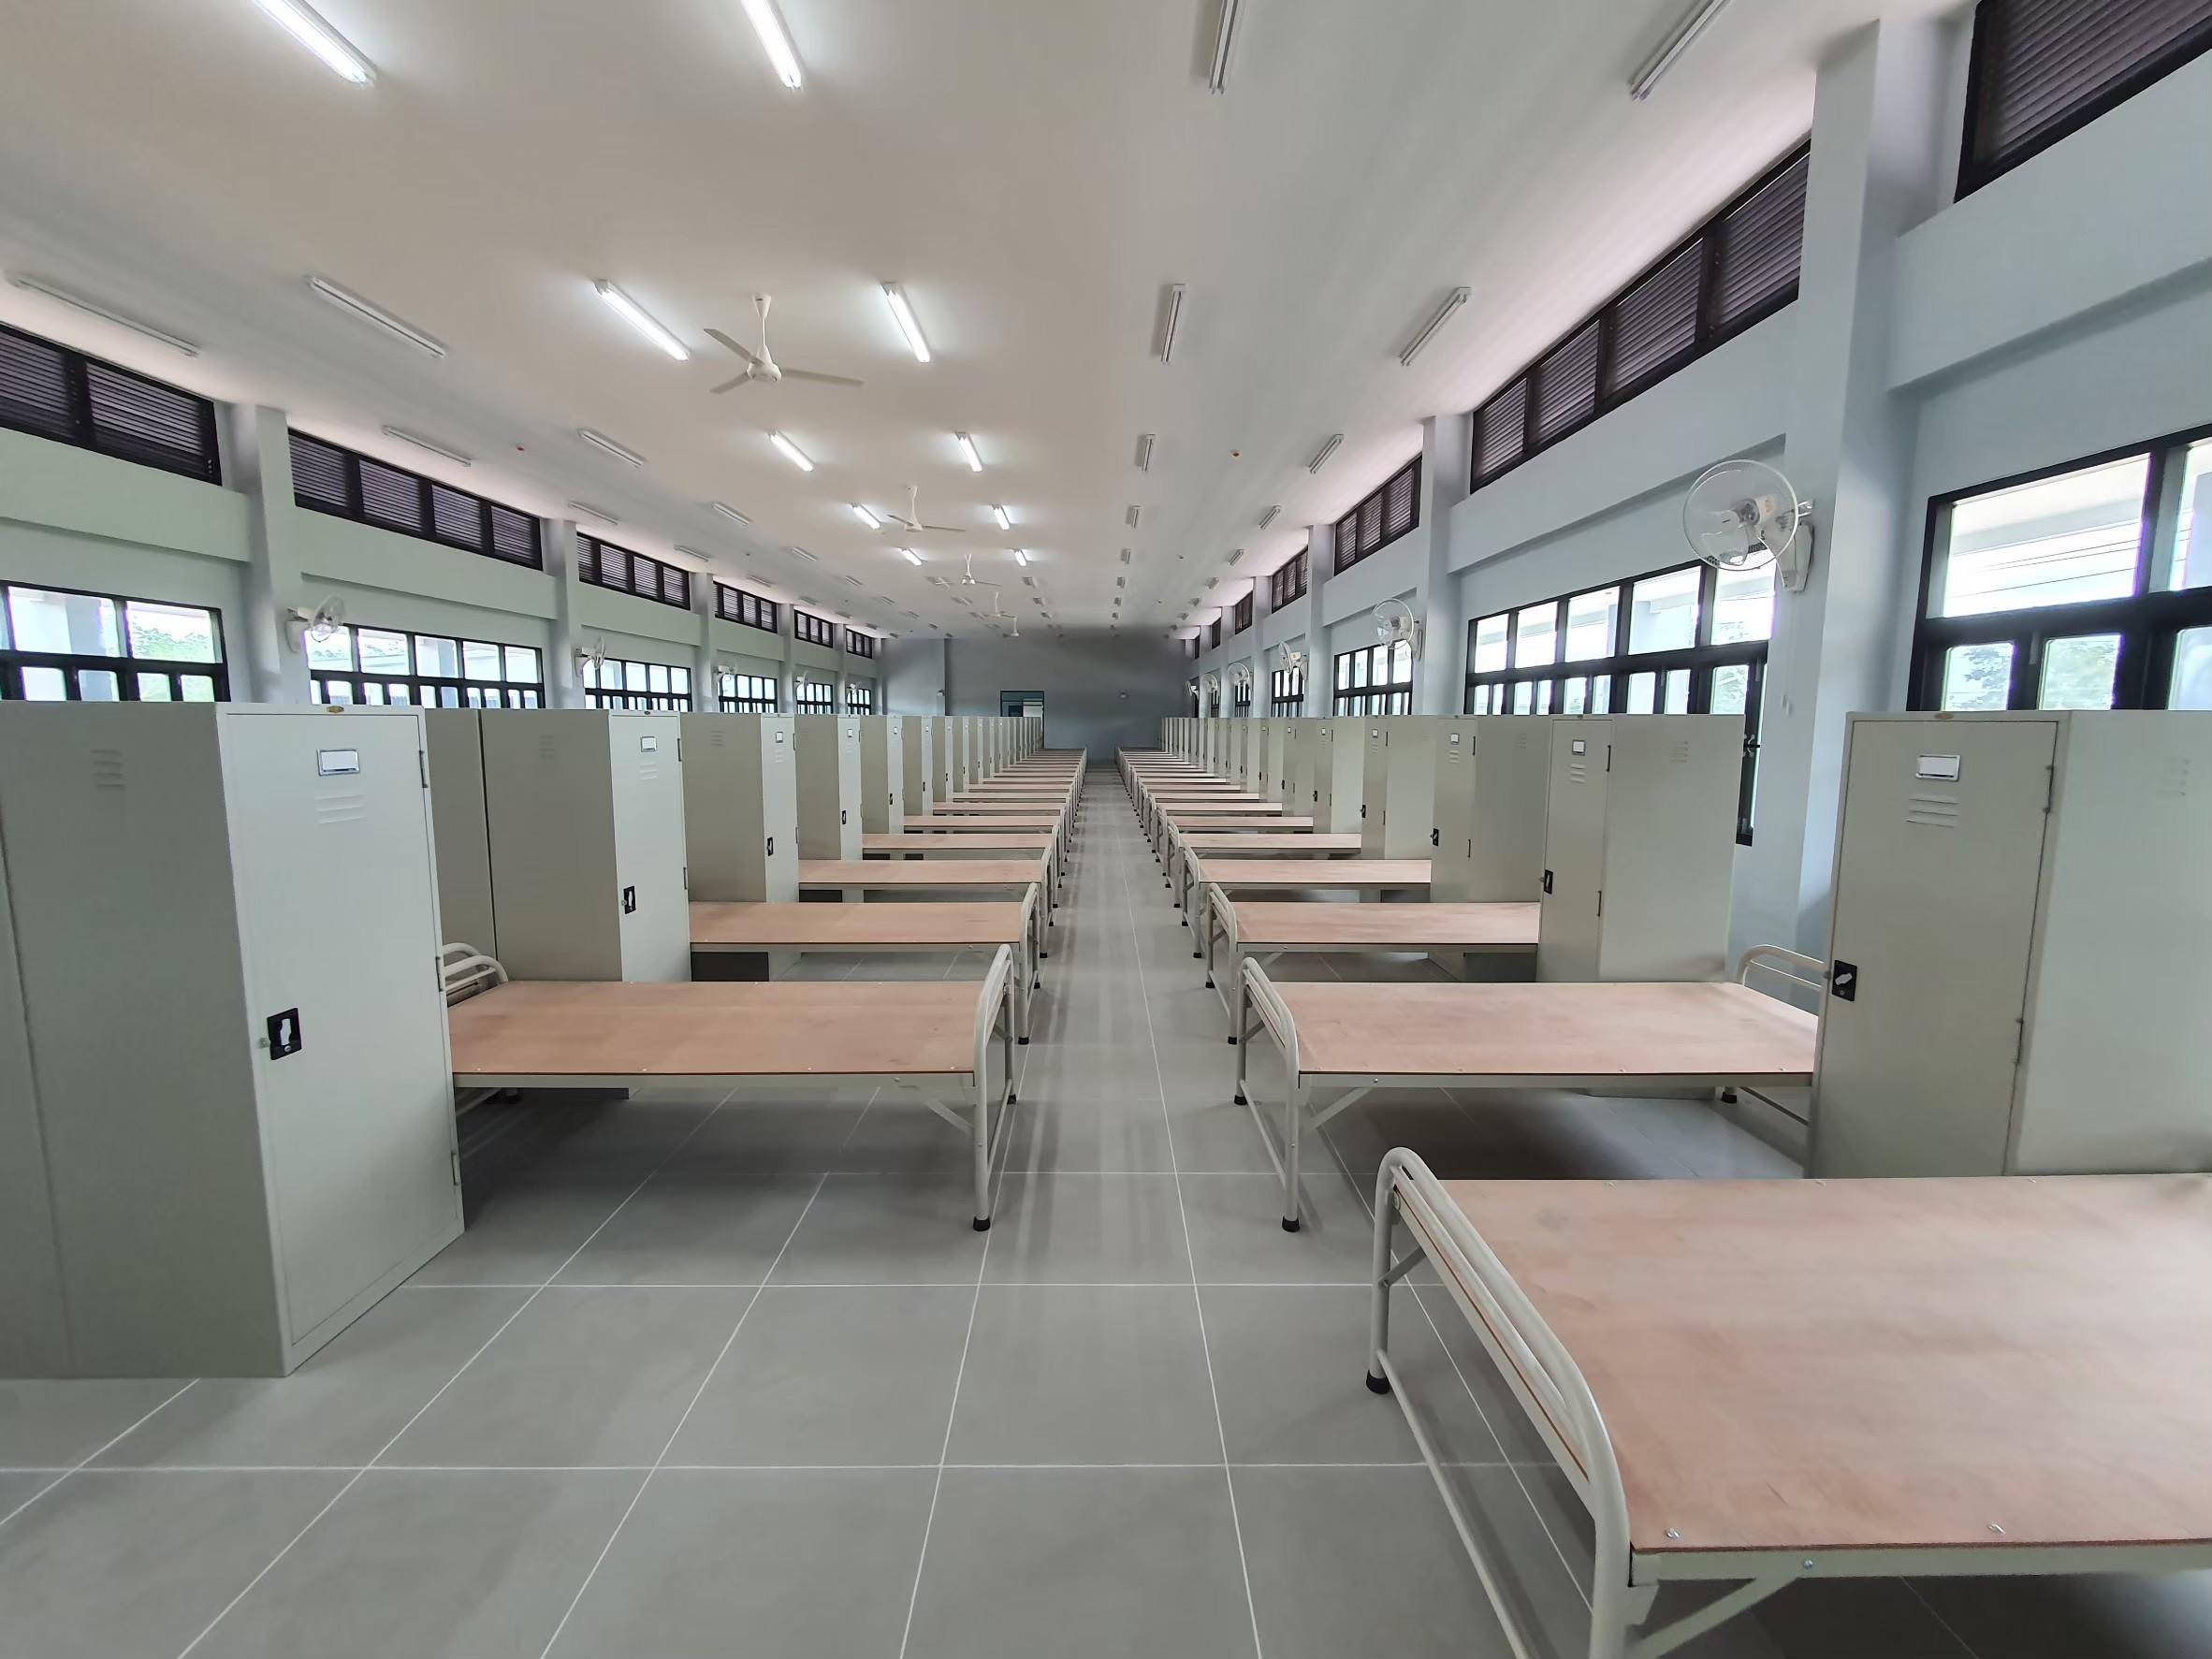 ก่อสร้างโรงนอนทหาร150คน พัน1,3_๒๑๐๓๑๖_26